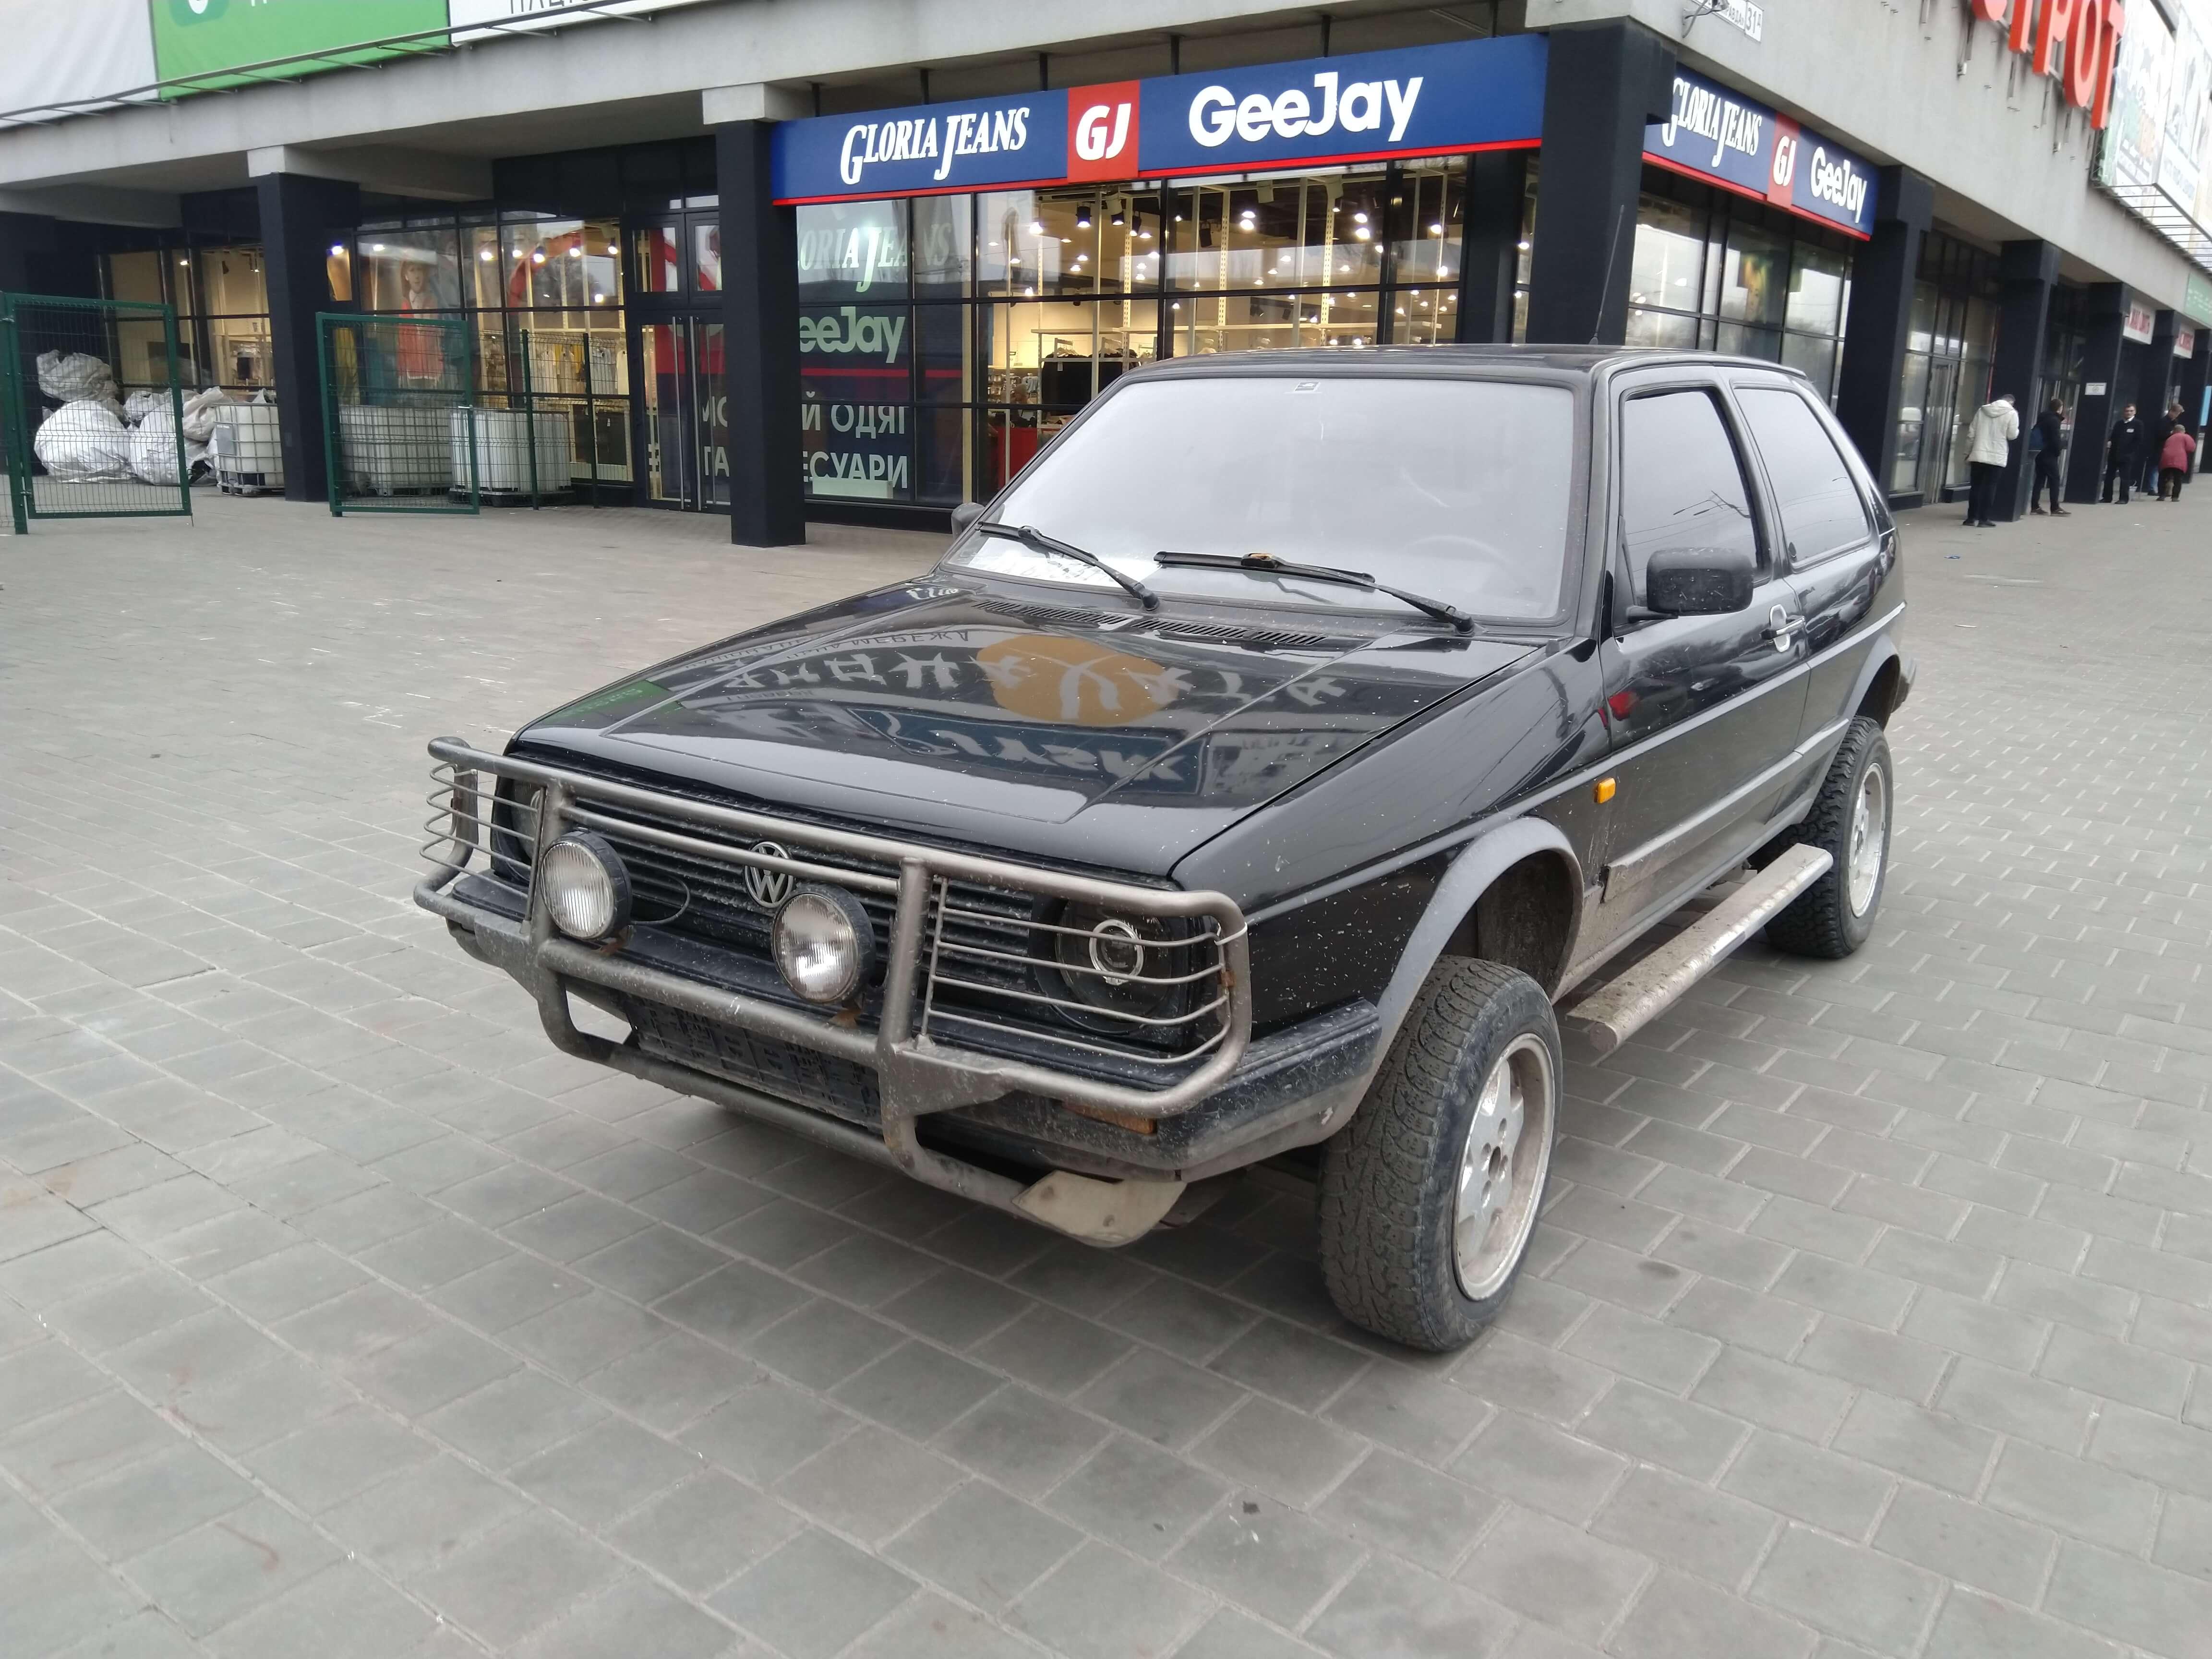 Водитель: Авдєєв Олександр<br/>Штурман: Смоленська Юлія<br/>Машина: Volkswagen Golf Country (1988г., 1781см³)<br/>Класс: G